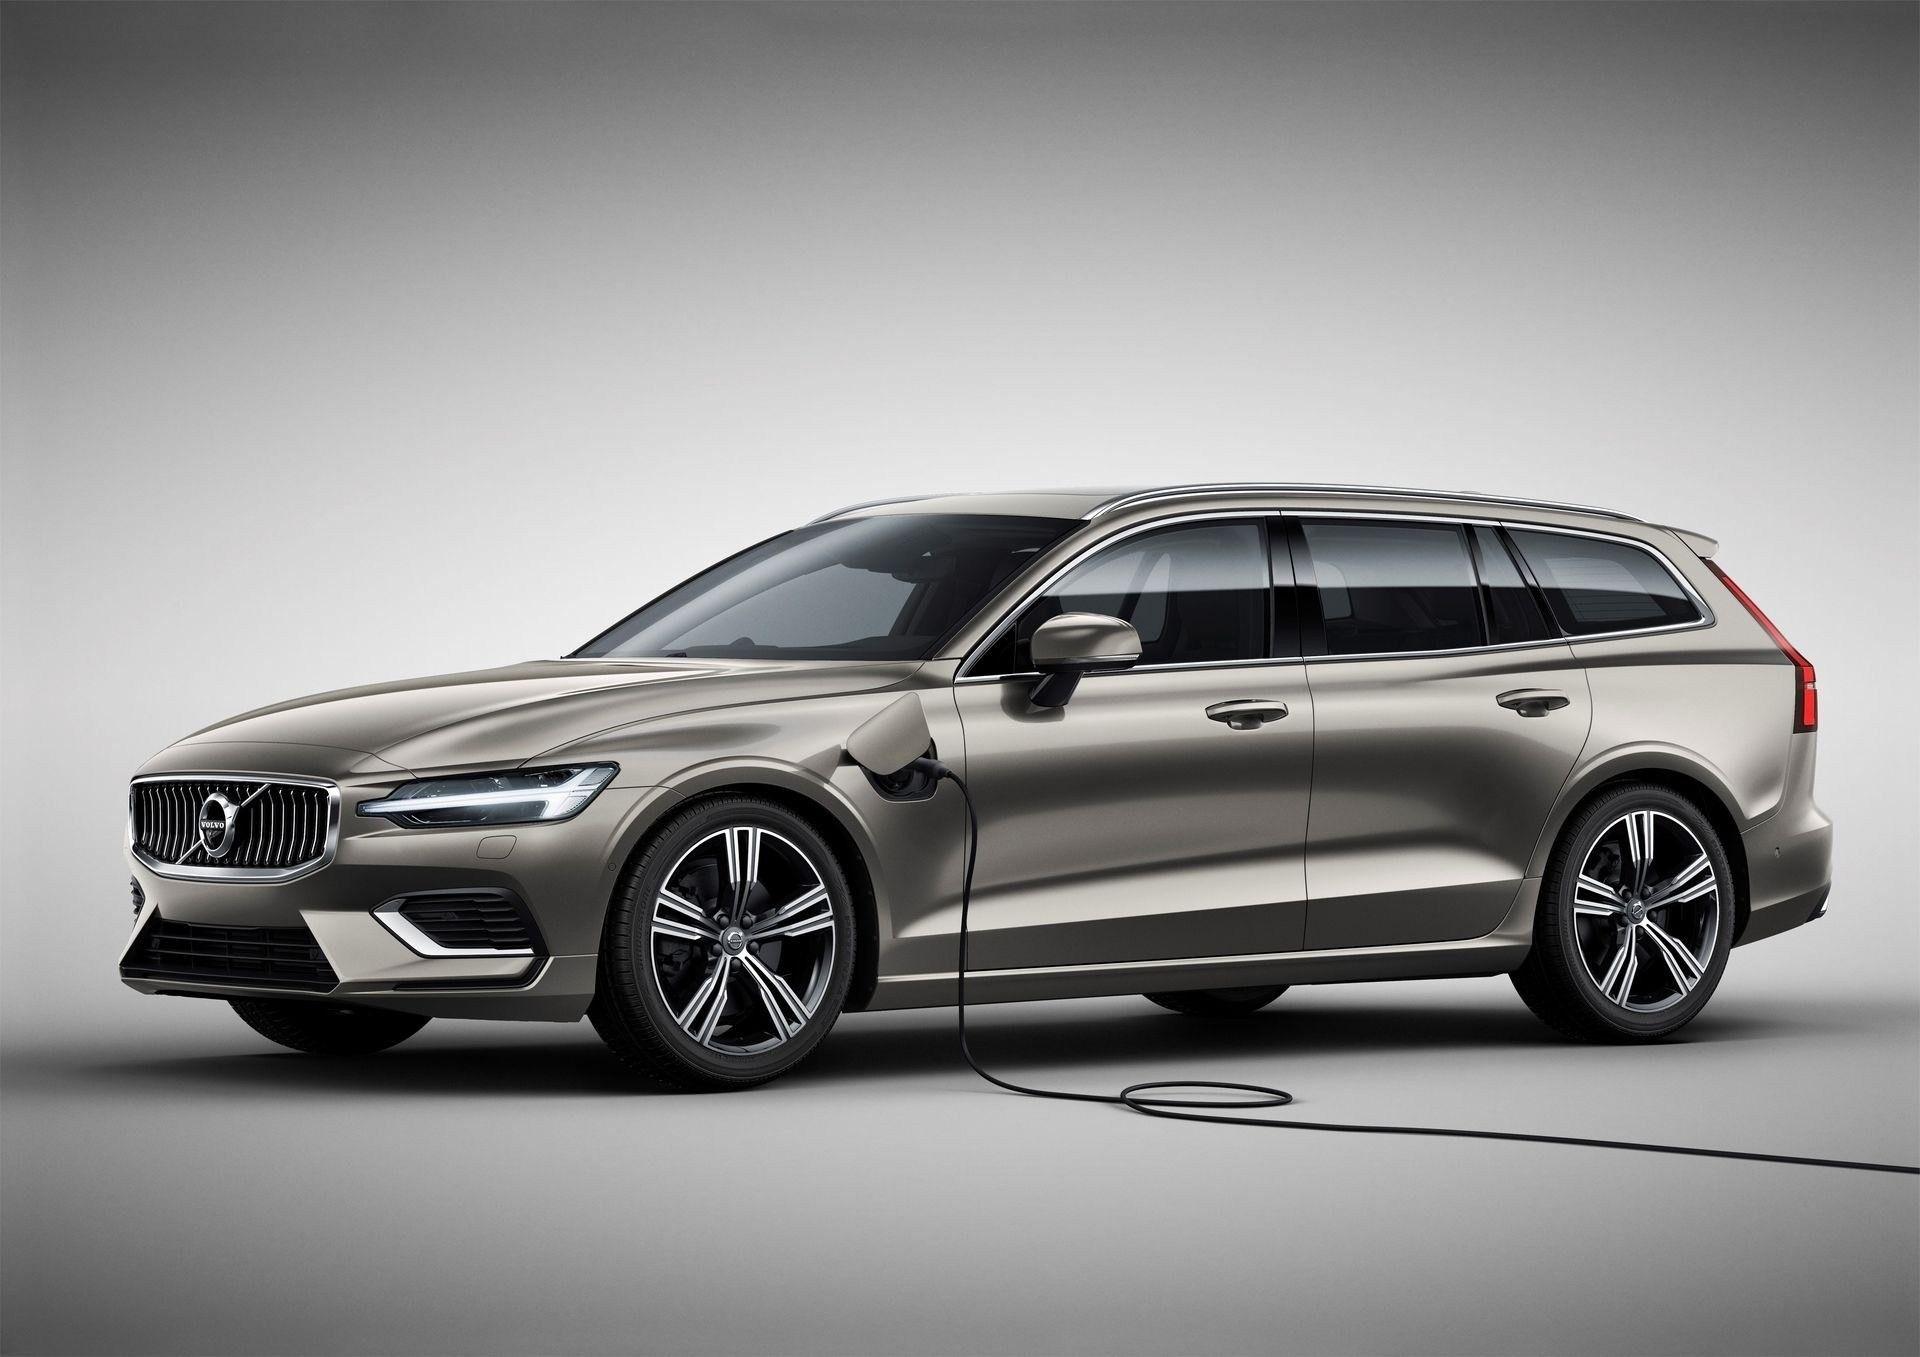 2019 Volvo S60 T6 R Design Platinum Exterior And Interior Review